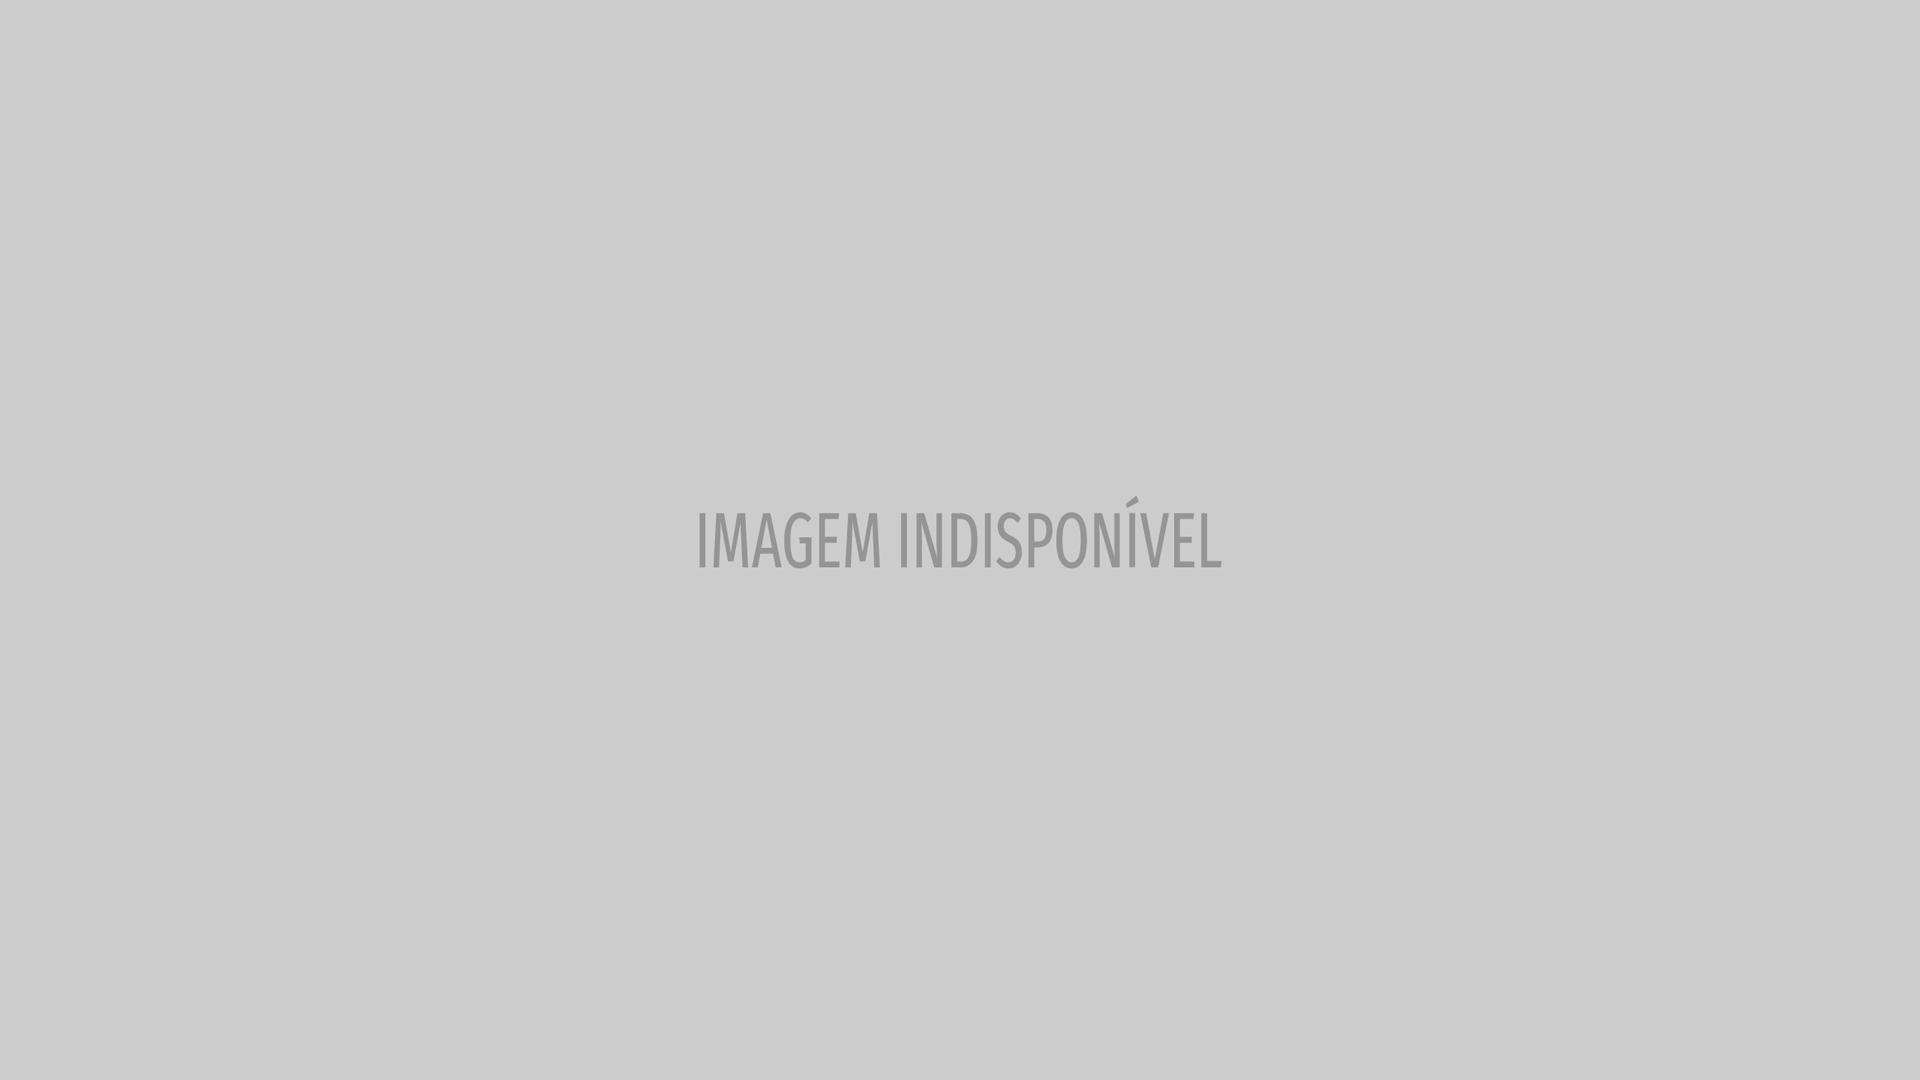 Filha de Romário trabalha próxima a Nuzman no COB